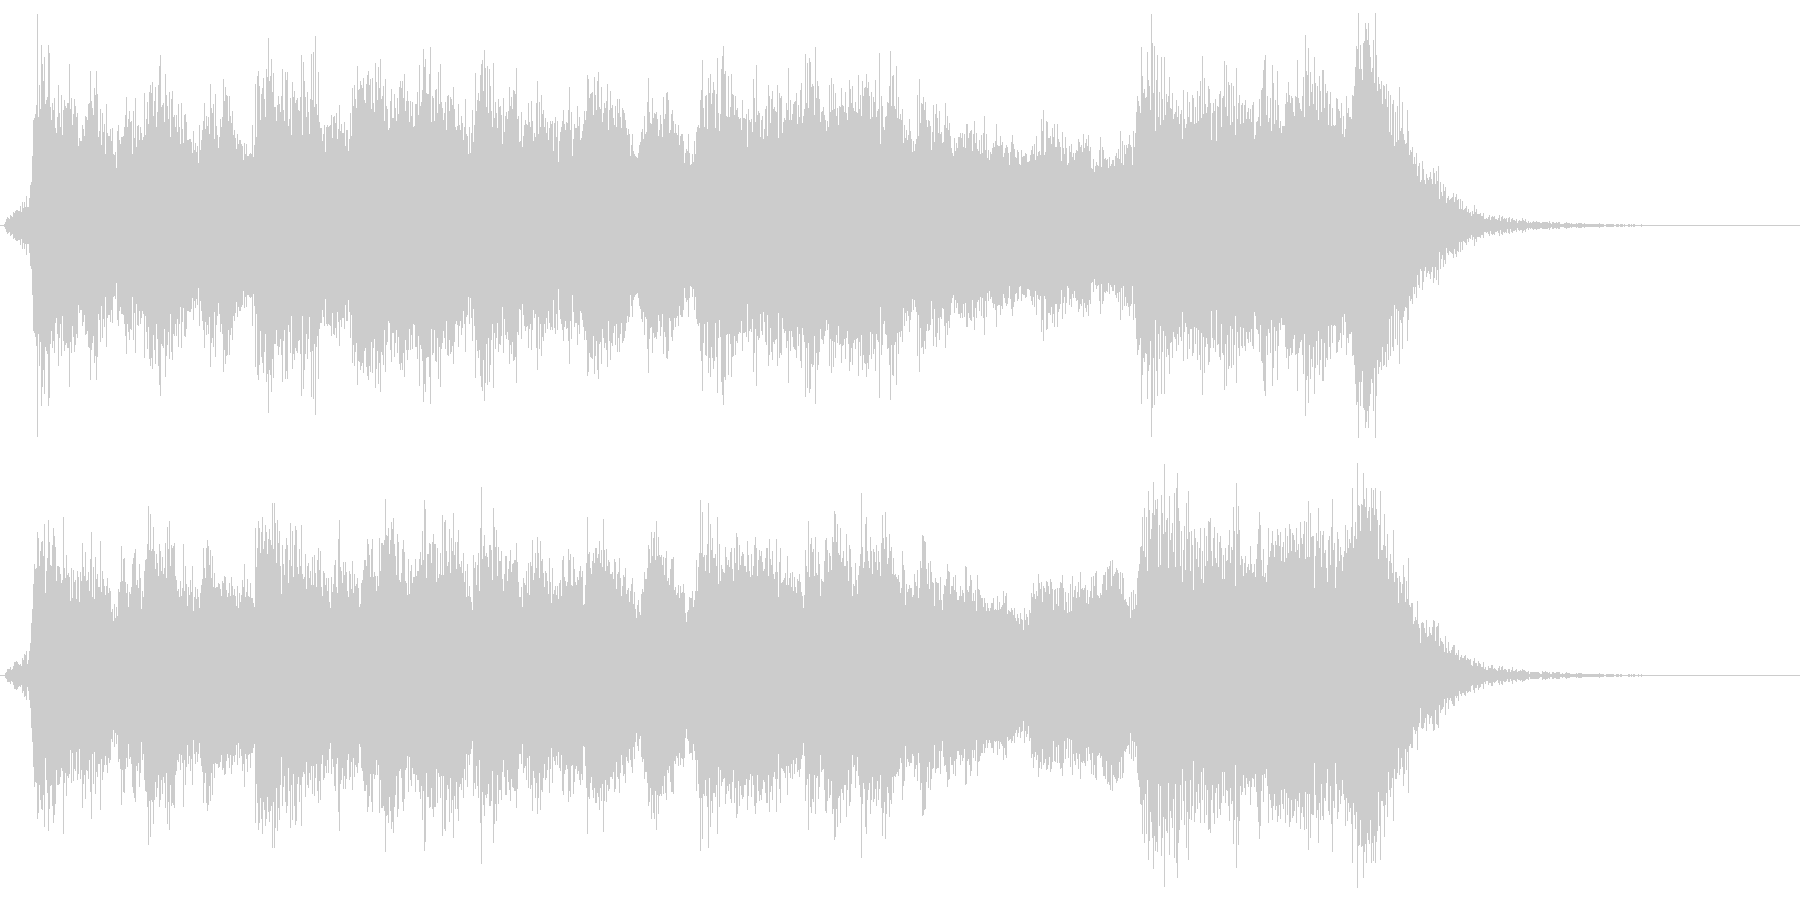 古風で華やかなフルオケジングル合唱付の未再生の波形